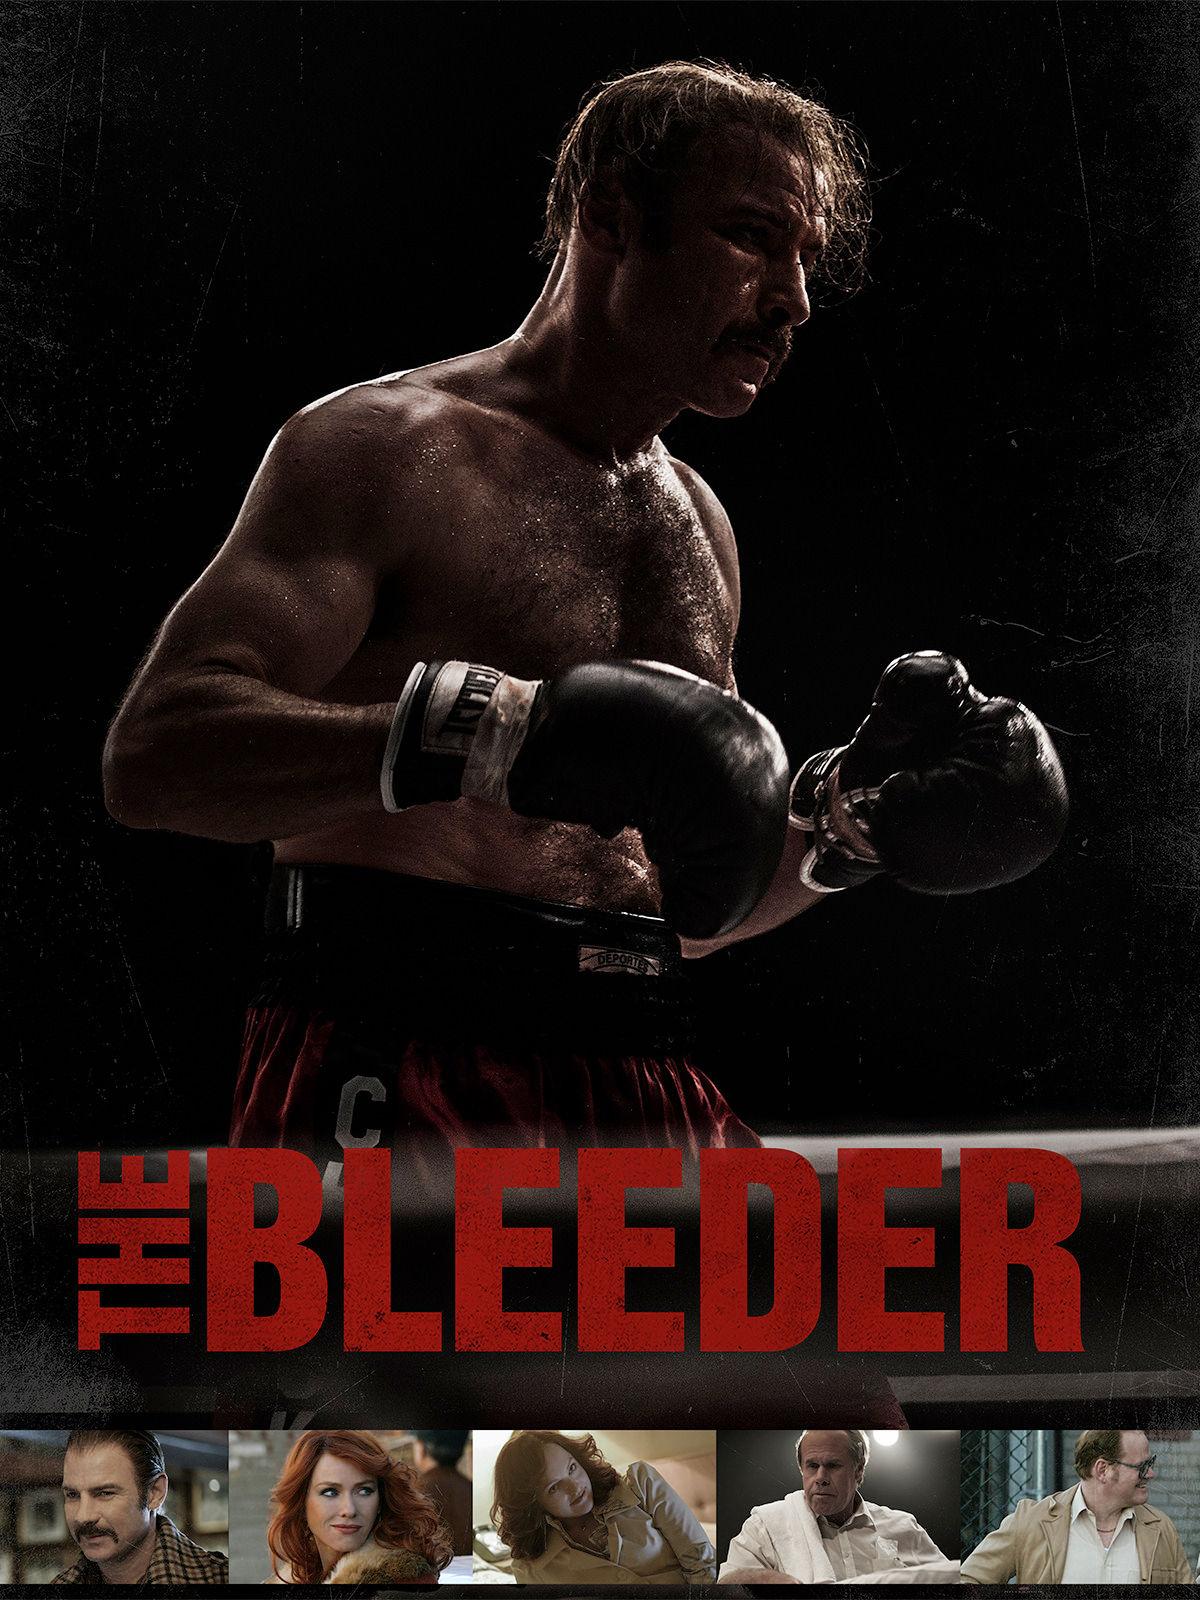 The Bleeder